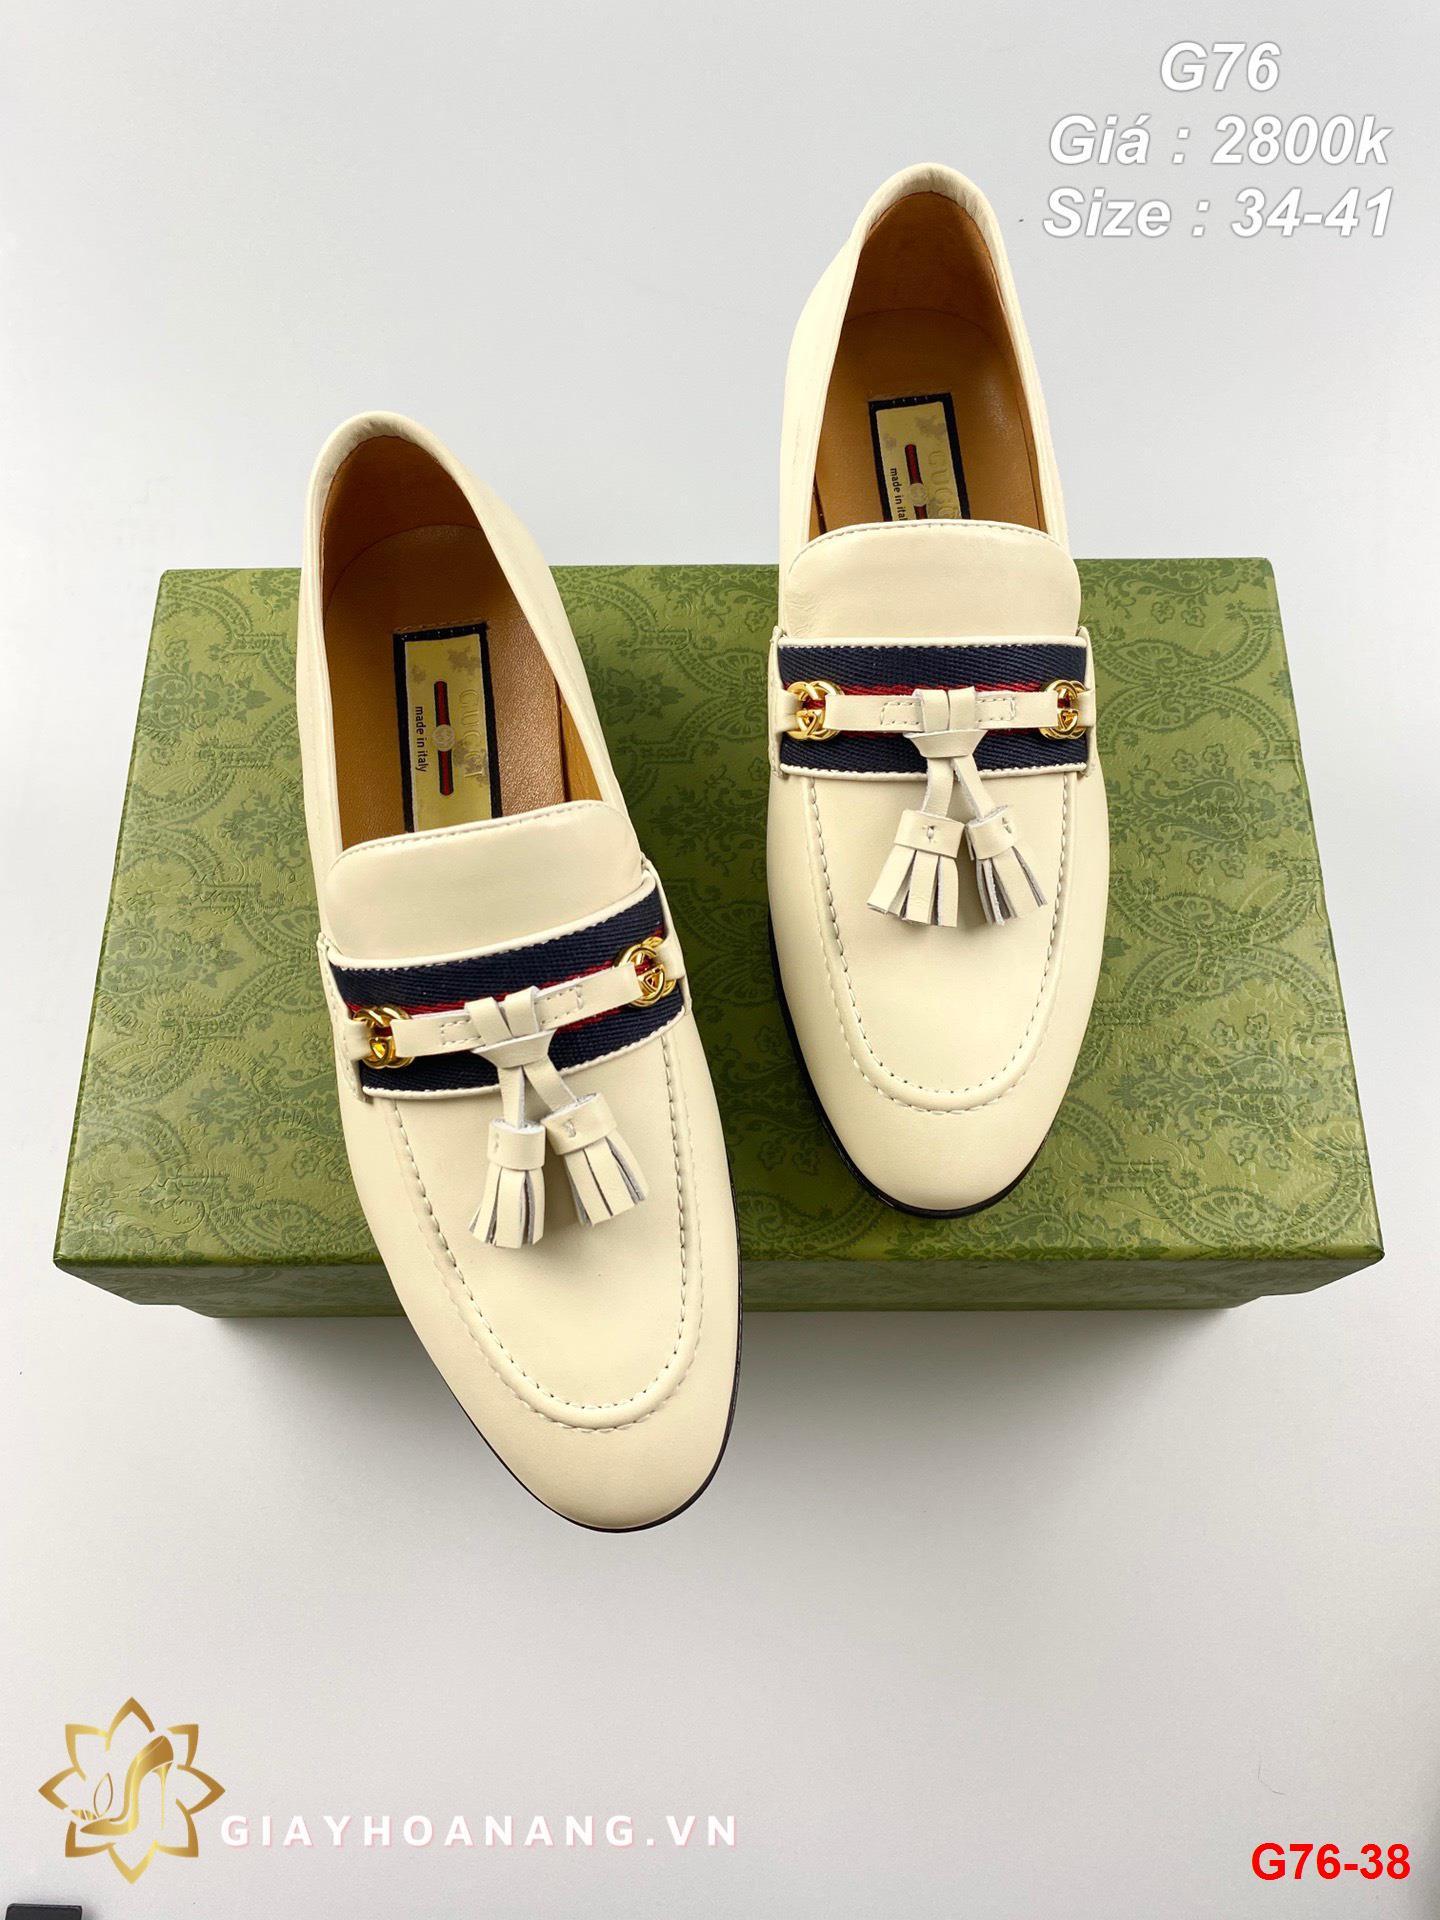 G76-38 Gucci giày lười siêu cấp